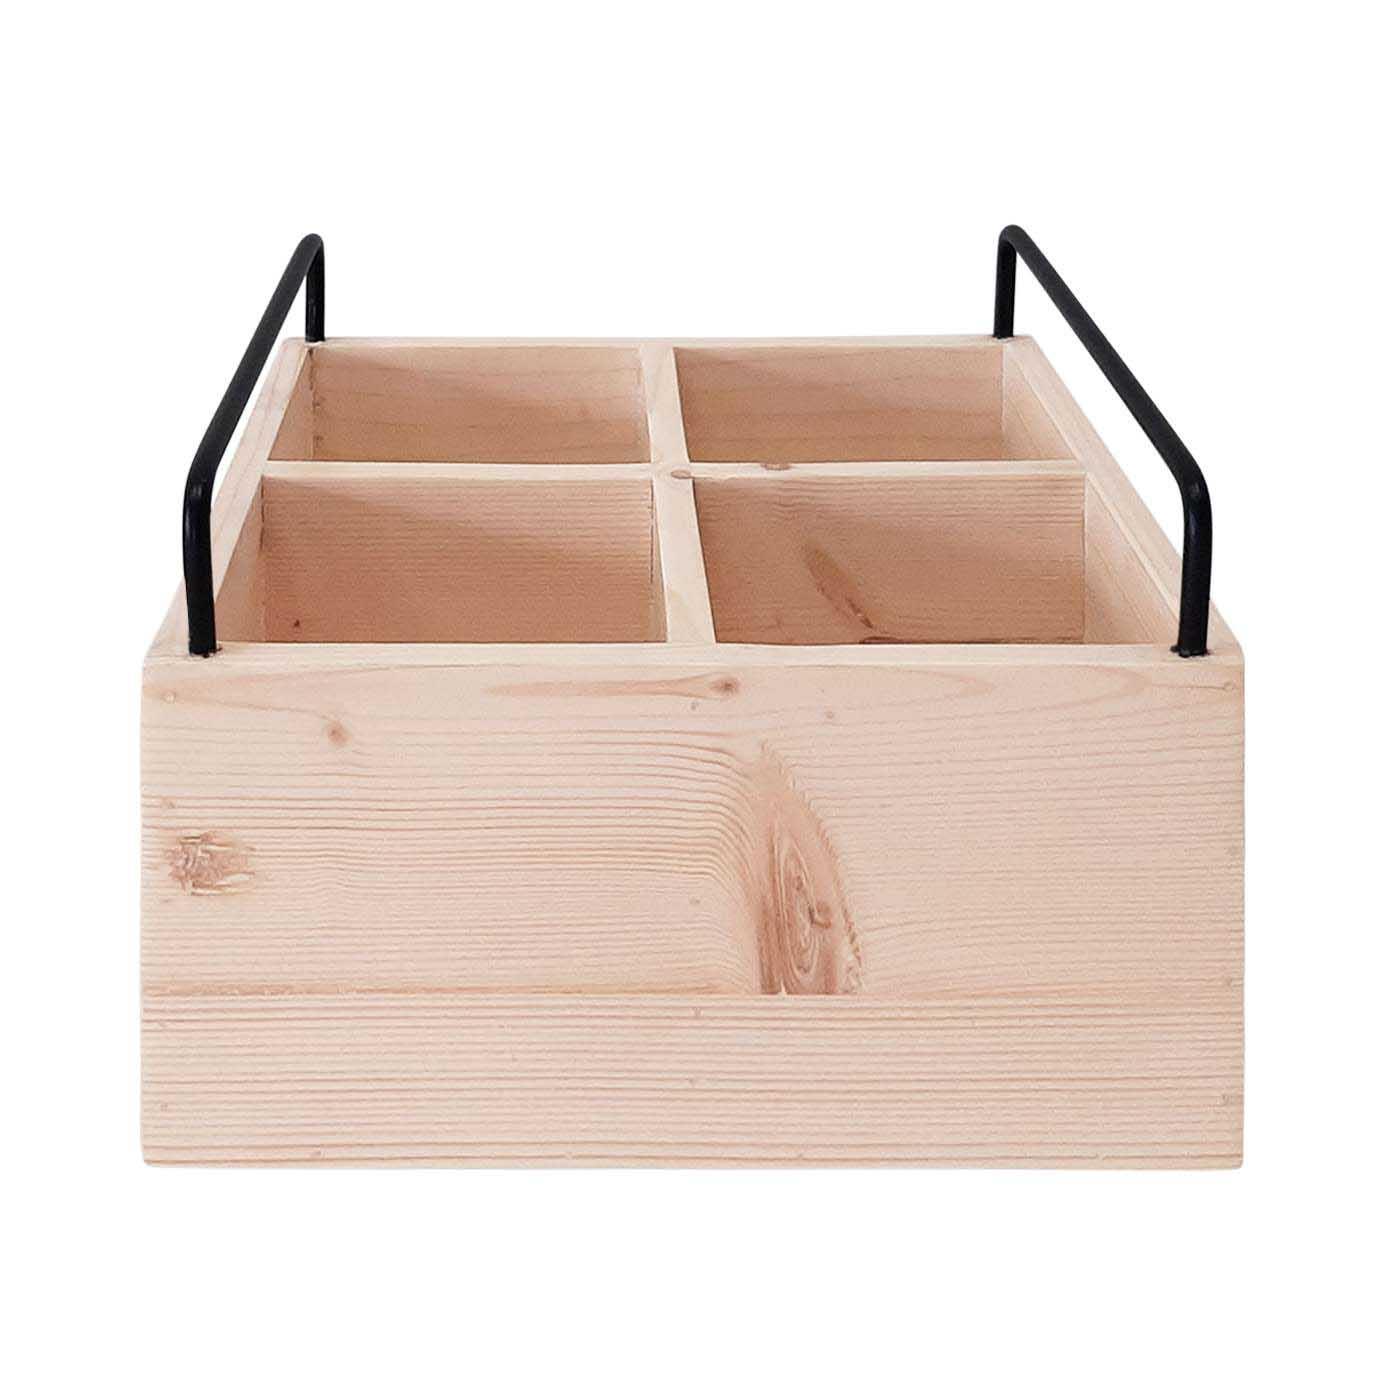 Skevos Light Utensil Box